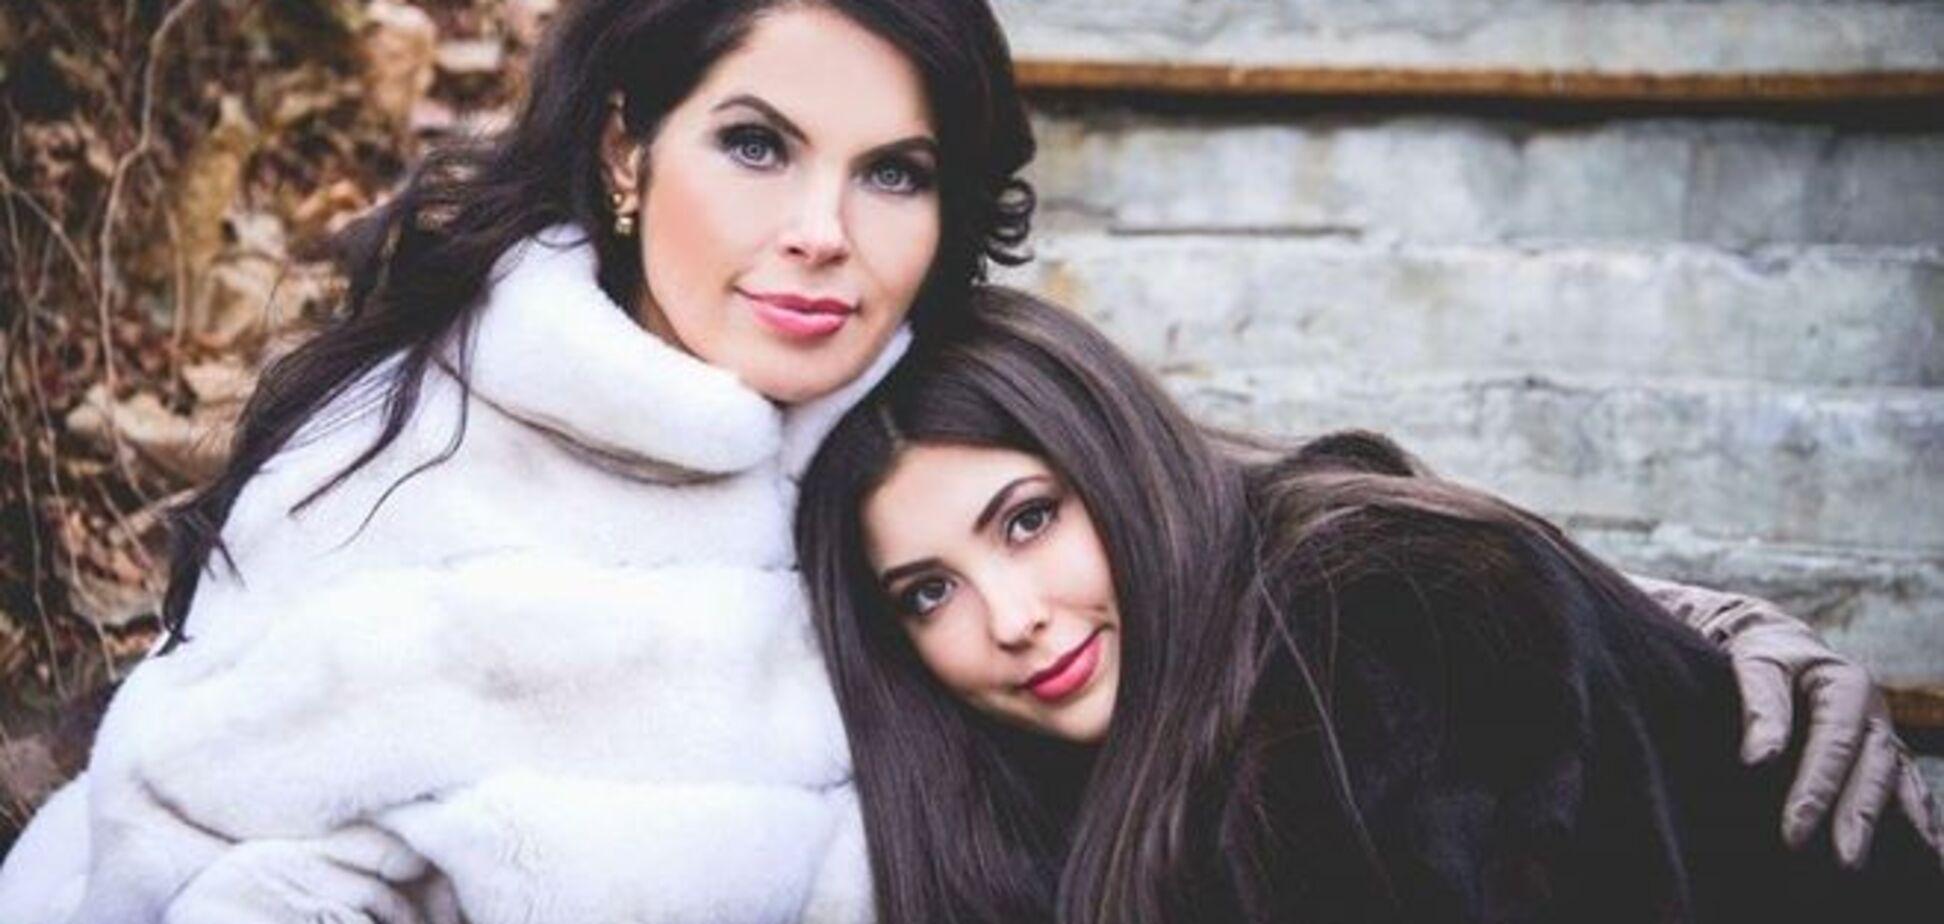 Дочери Влады Литовченко на день рождения подарили шиншиллу